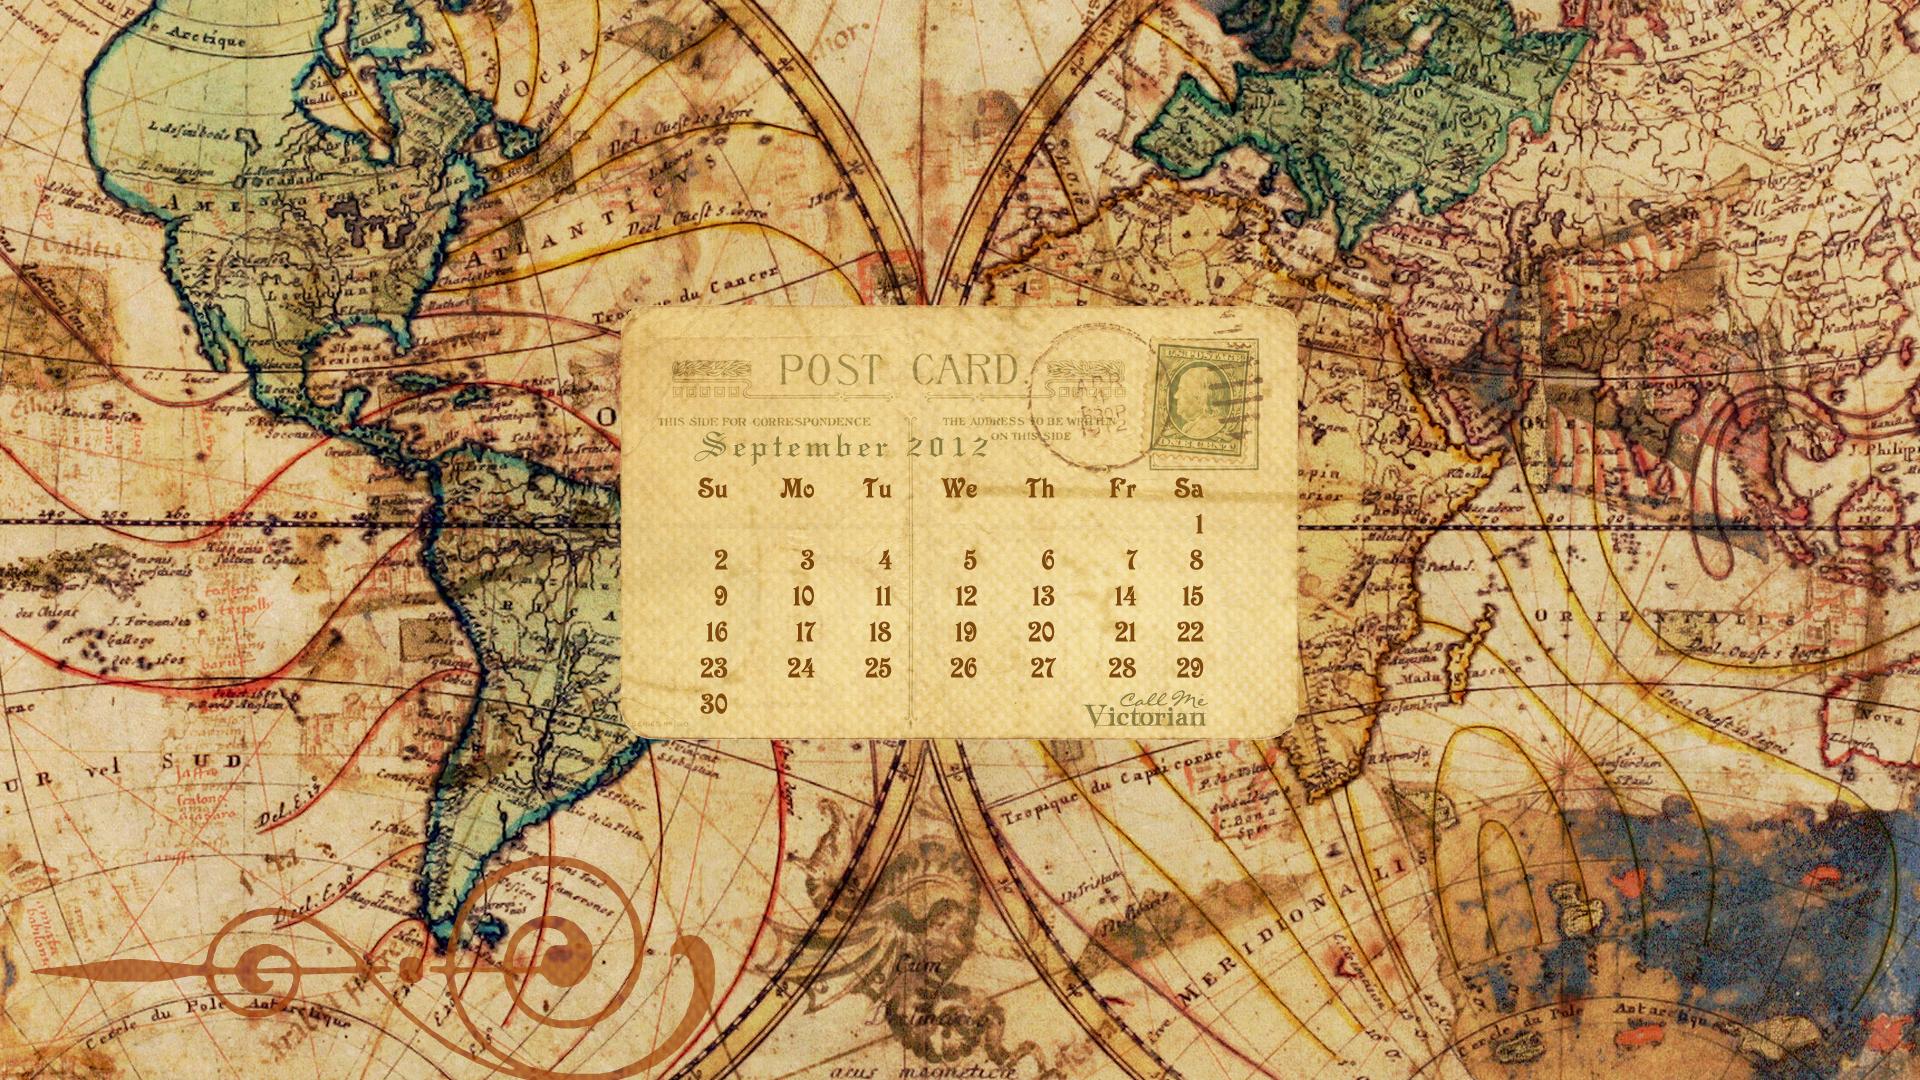 Desktop Wallpaper Calendar September 2012 Call Me Victorian 1920x1080